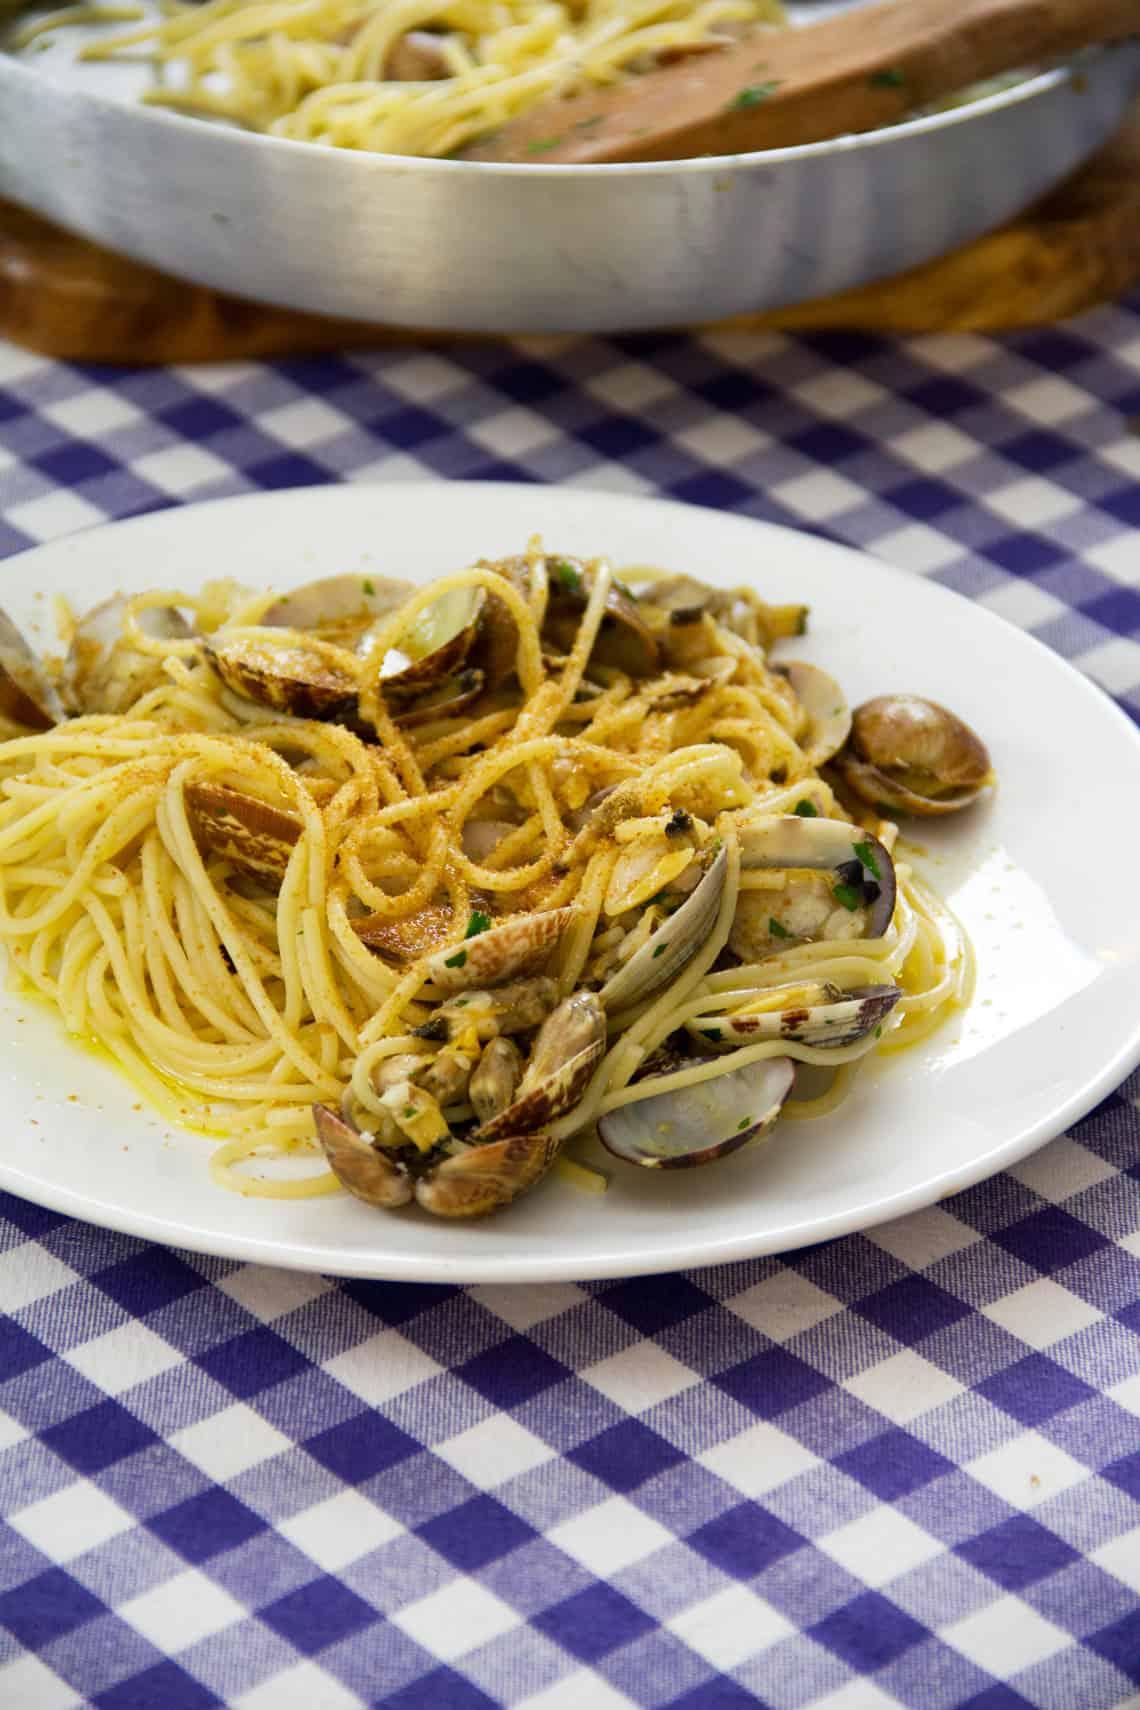 francesco-dolfo-spaghetti-vongole-13